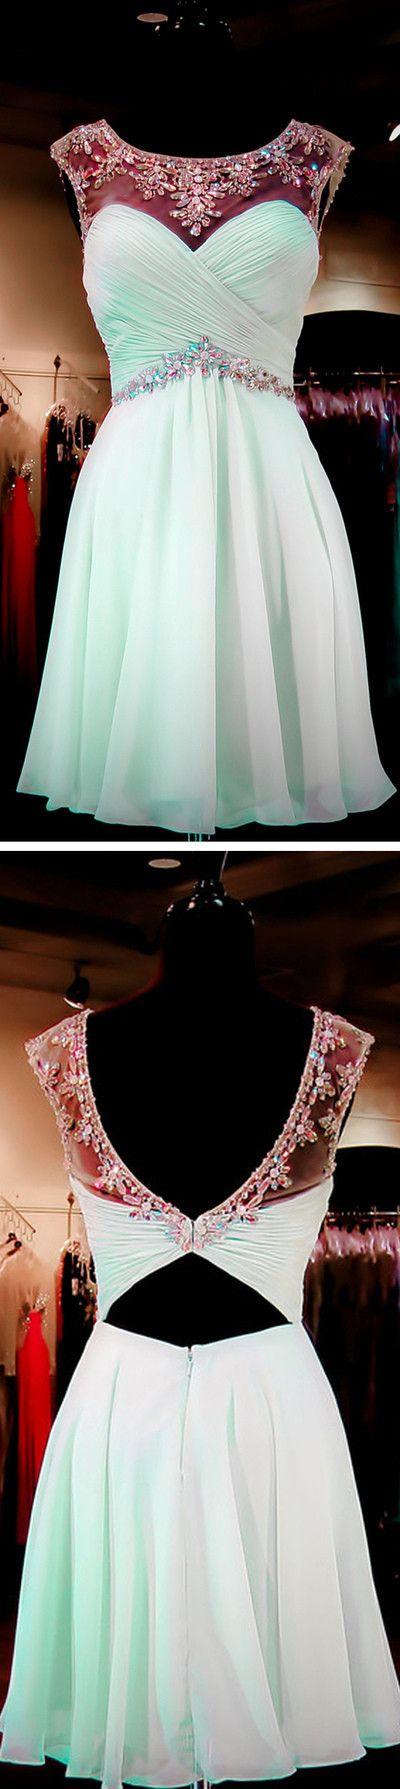 Prom dress 6301 12th